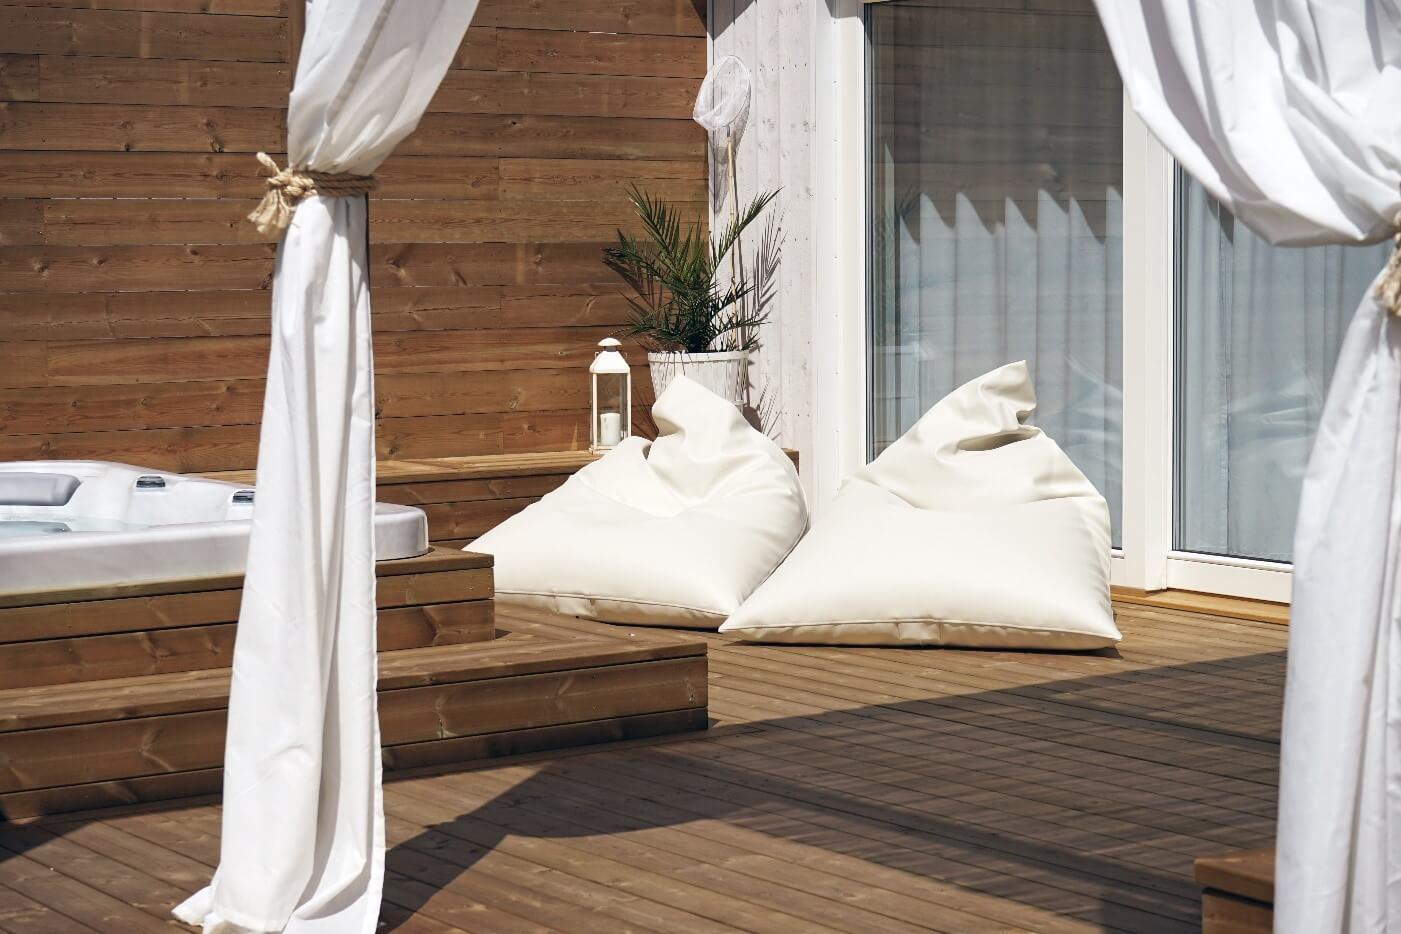 Weisse Outdoor Sitzsaecke aus dem robusten Kunstleder für perfektes Chillen auf jeder Terrasse.